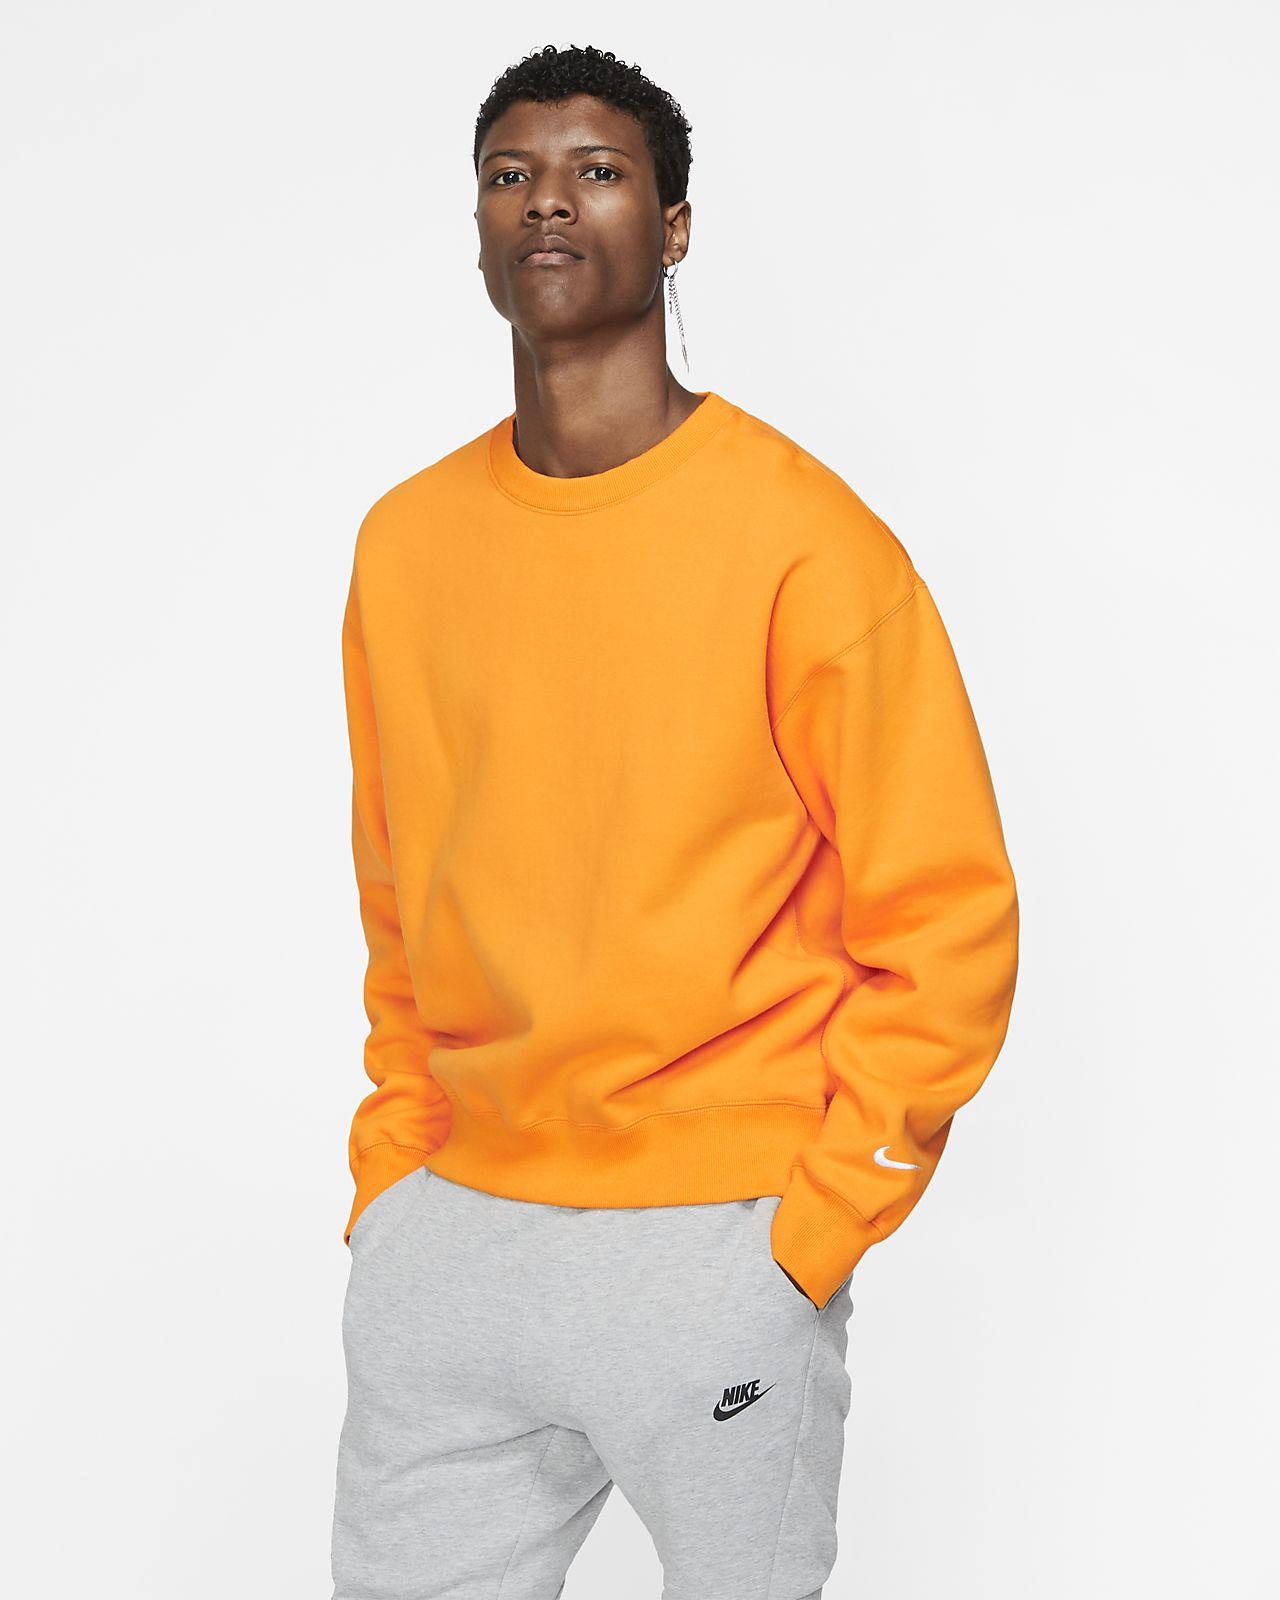 NikeLab Collection Herenshirt met ronde hals